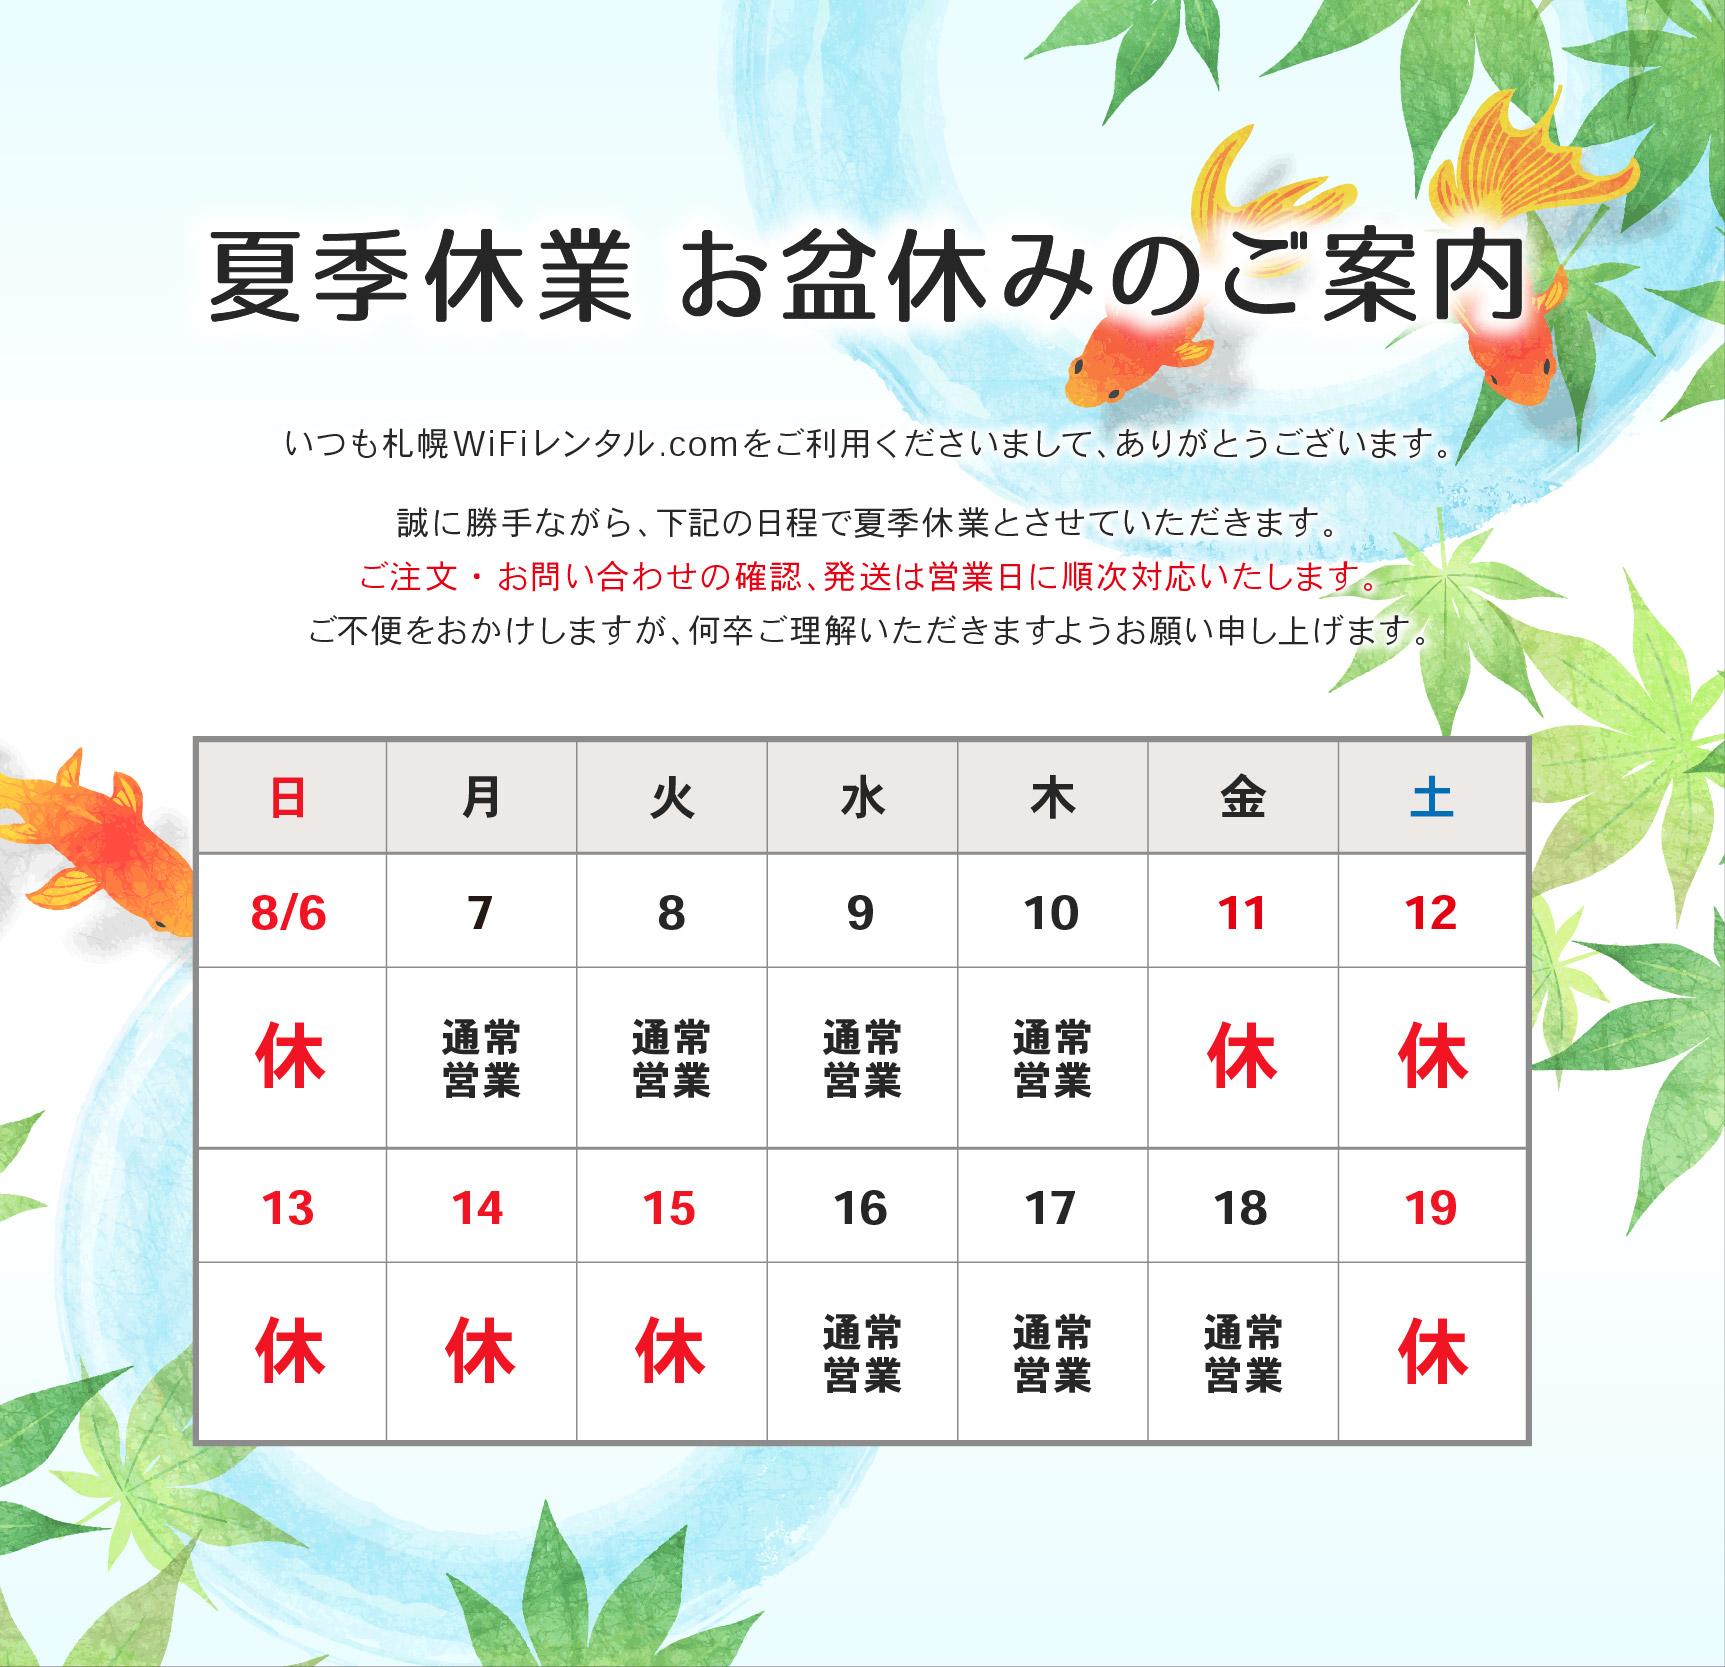 札幌Wi-Fiレンタル